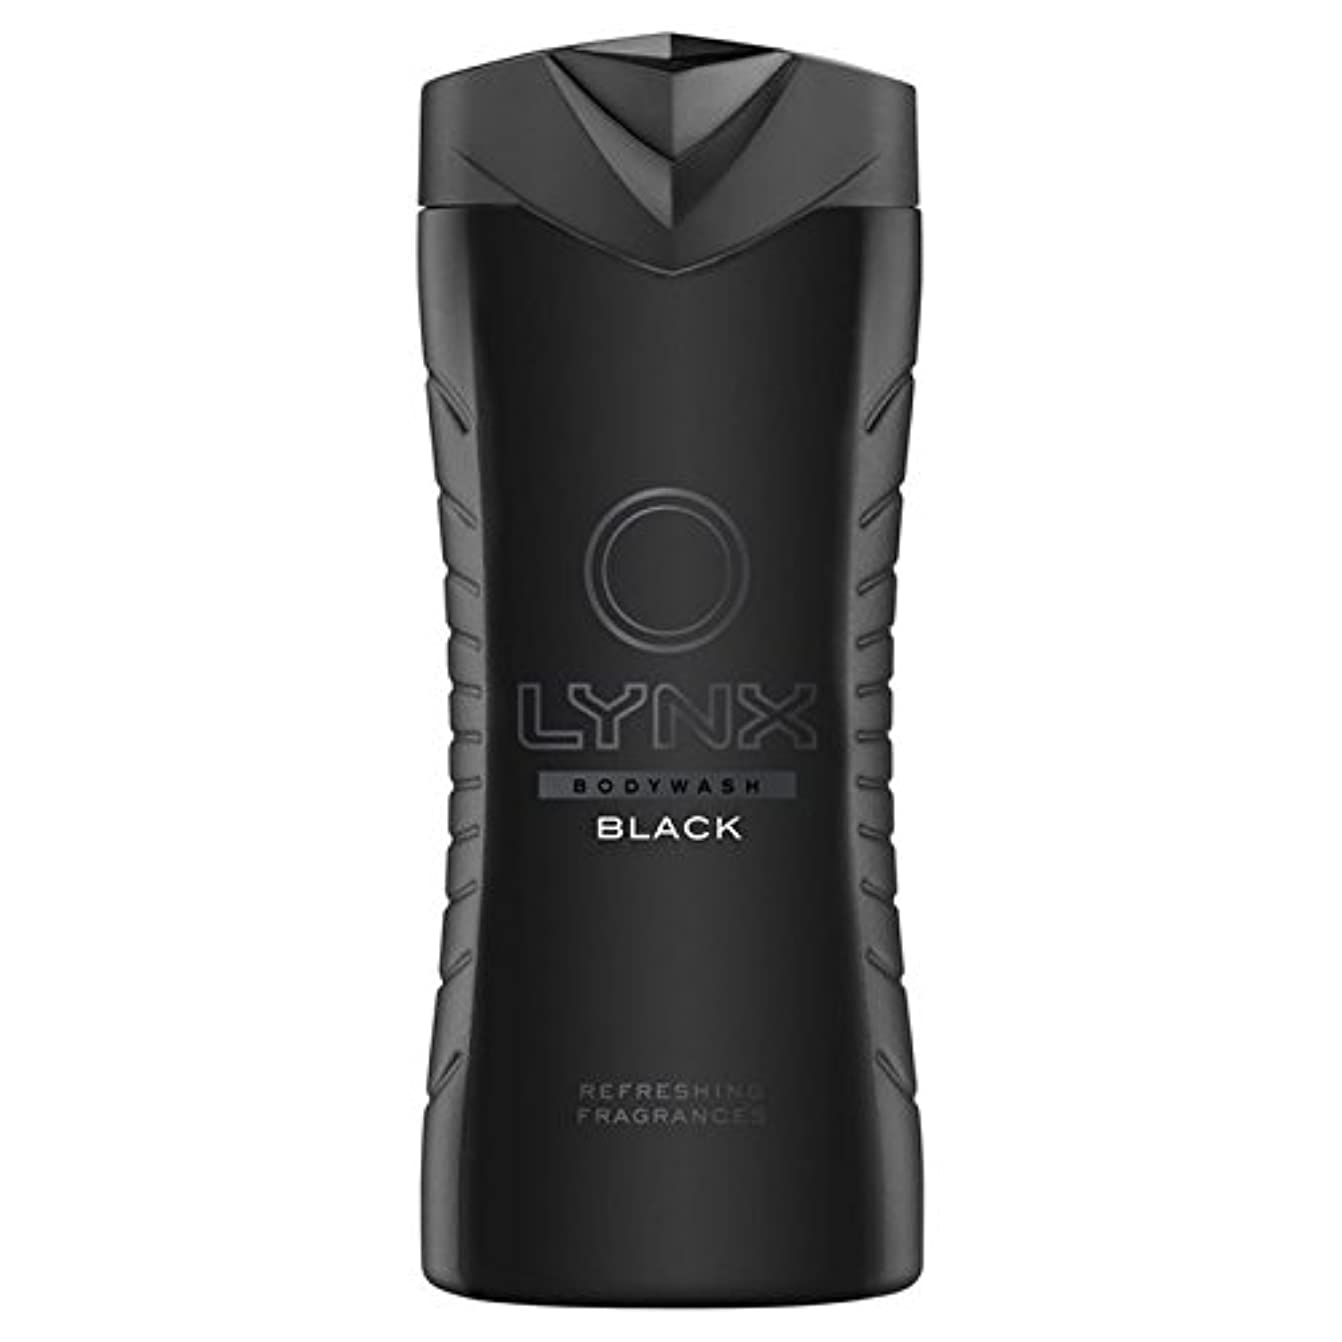 プレフィックス落胆するエピソードオオヤマネコブラックシャワージェル400ミリリットル x2 - Lynx Black Shower Gel 400ml (Pack of 2) [並行輸入品]